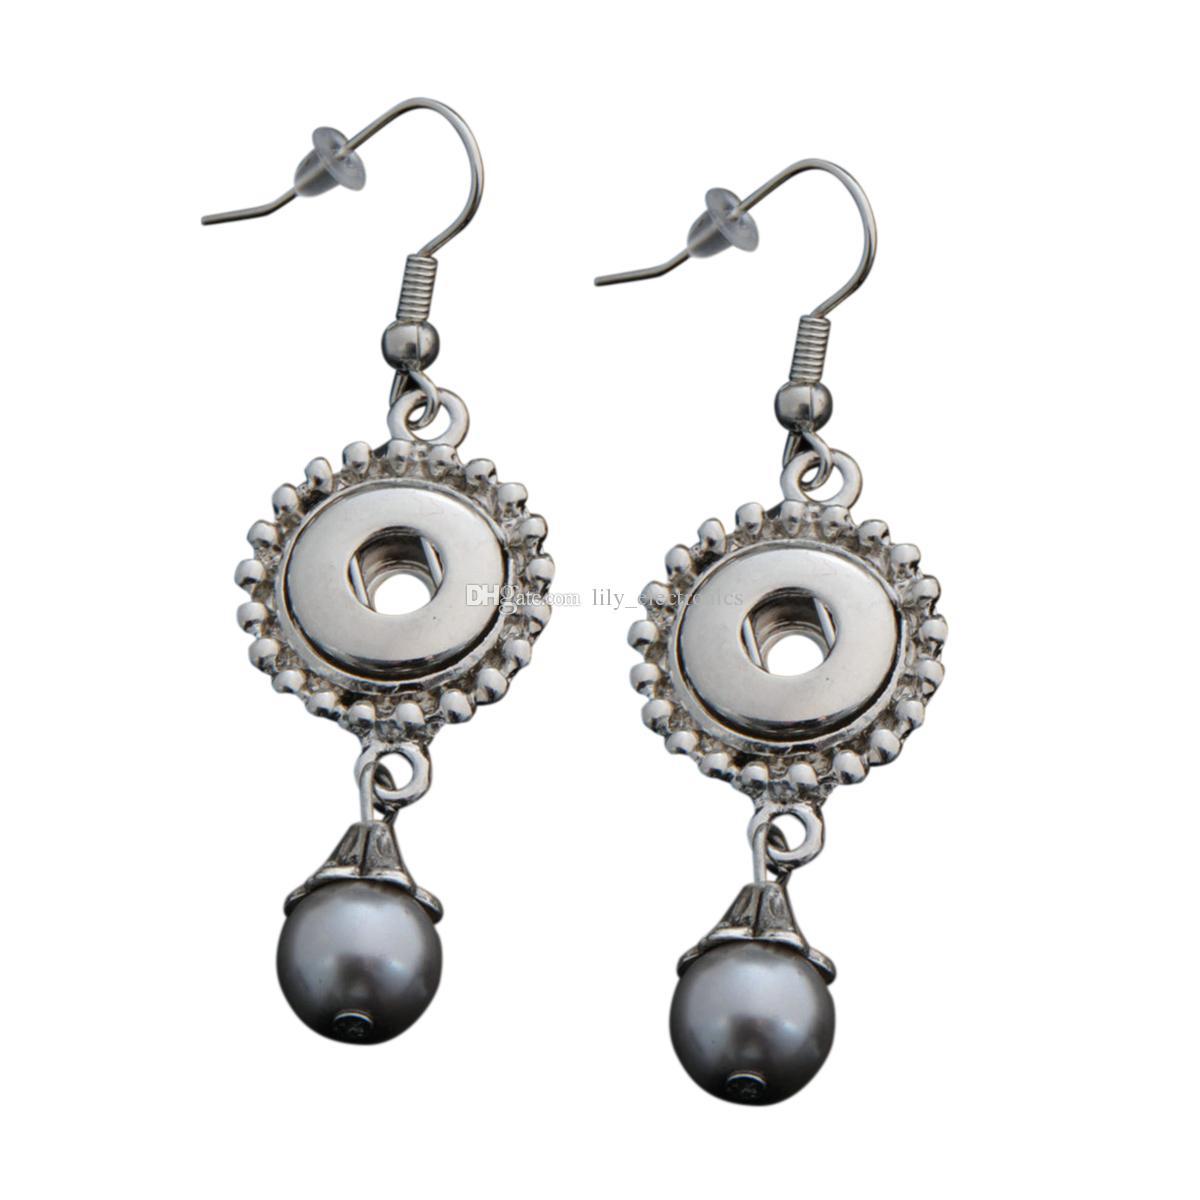 Dangle Hook Charme Boucles D'oreilles Avec Multi-couleurs Perle Fit DIY 12mm Boutons-pression Avec Dos De Sécurité 5Pairs